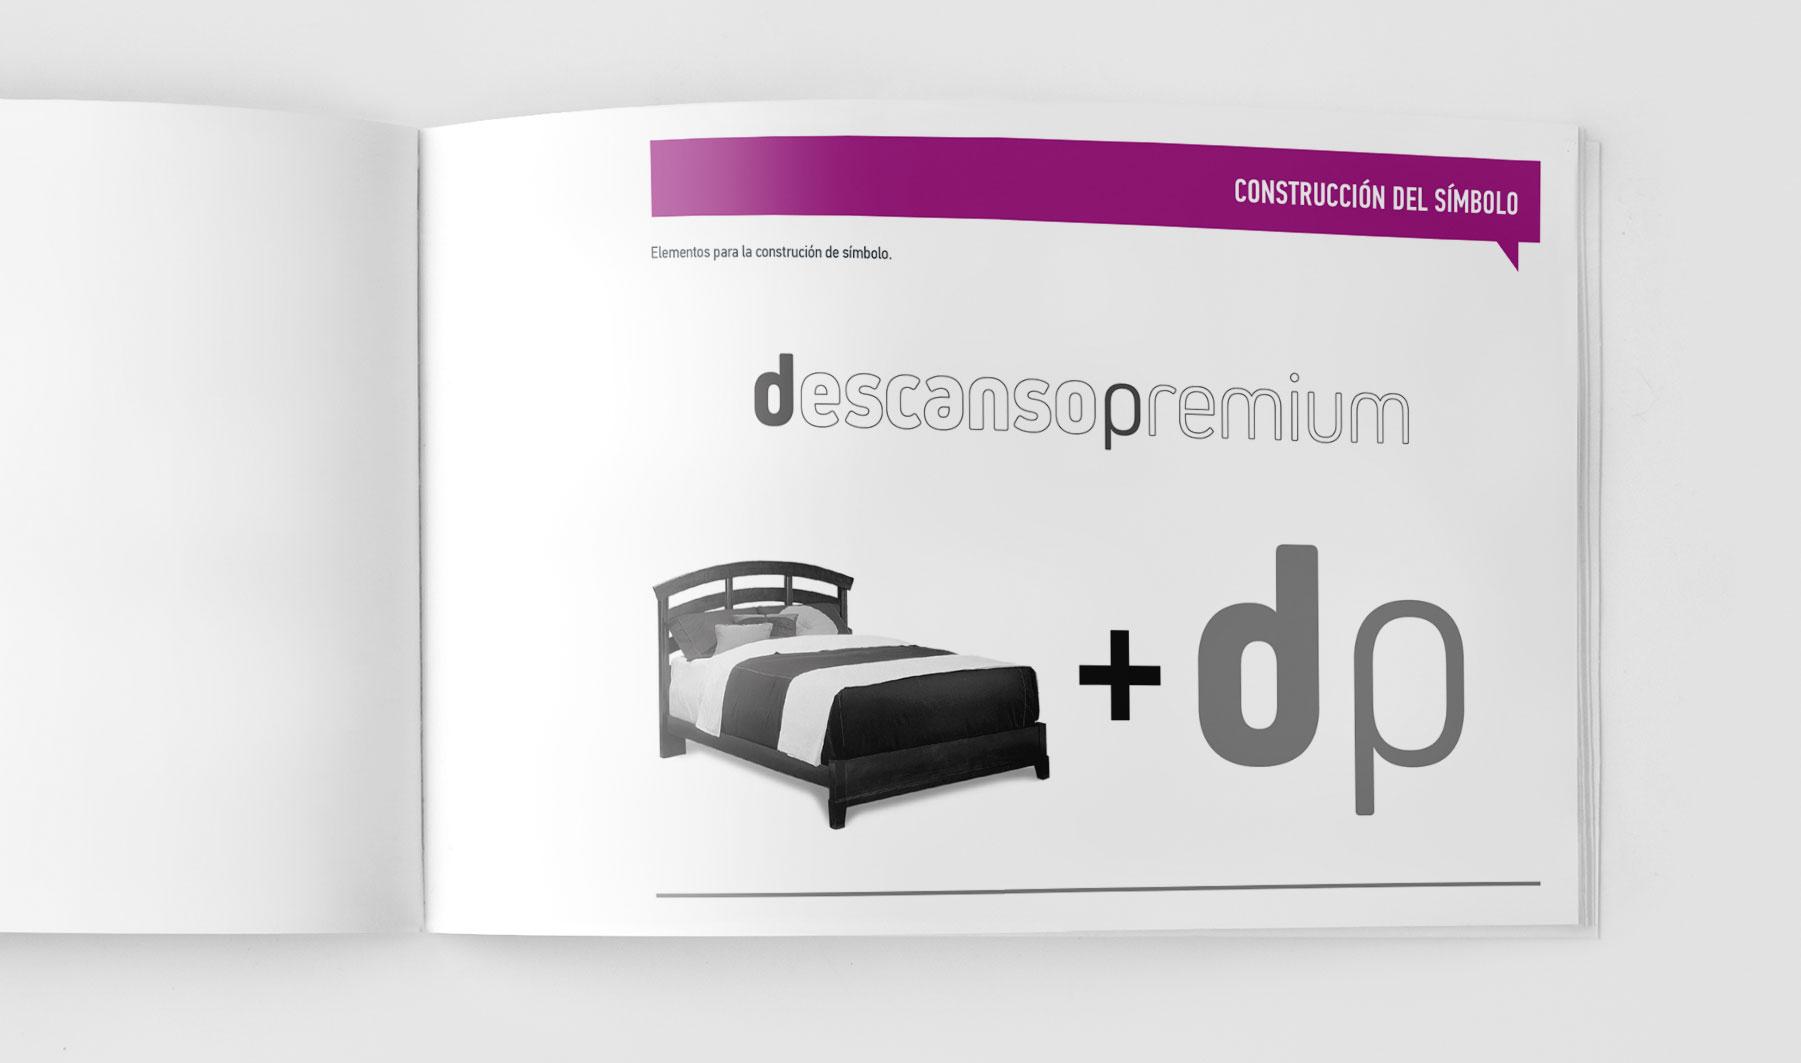 descanso-premium-imagen-corporativa-02